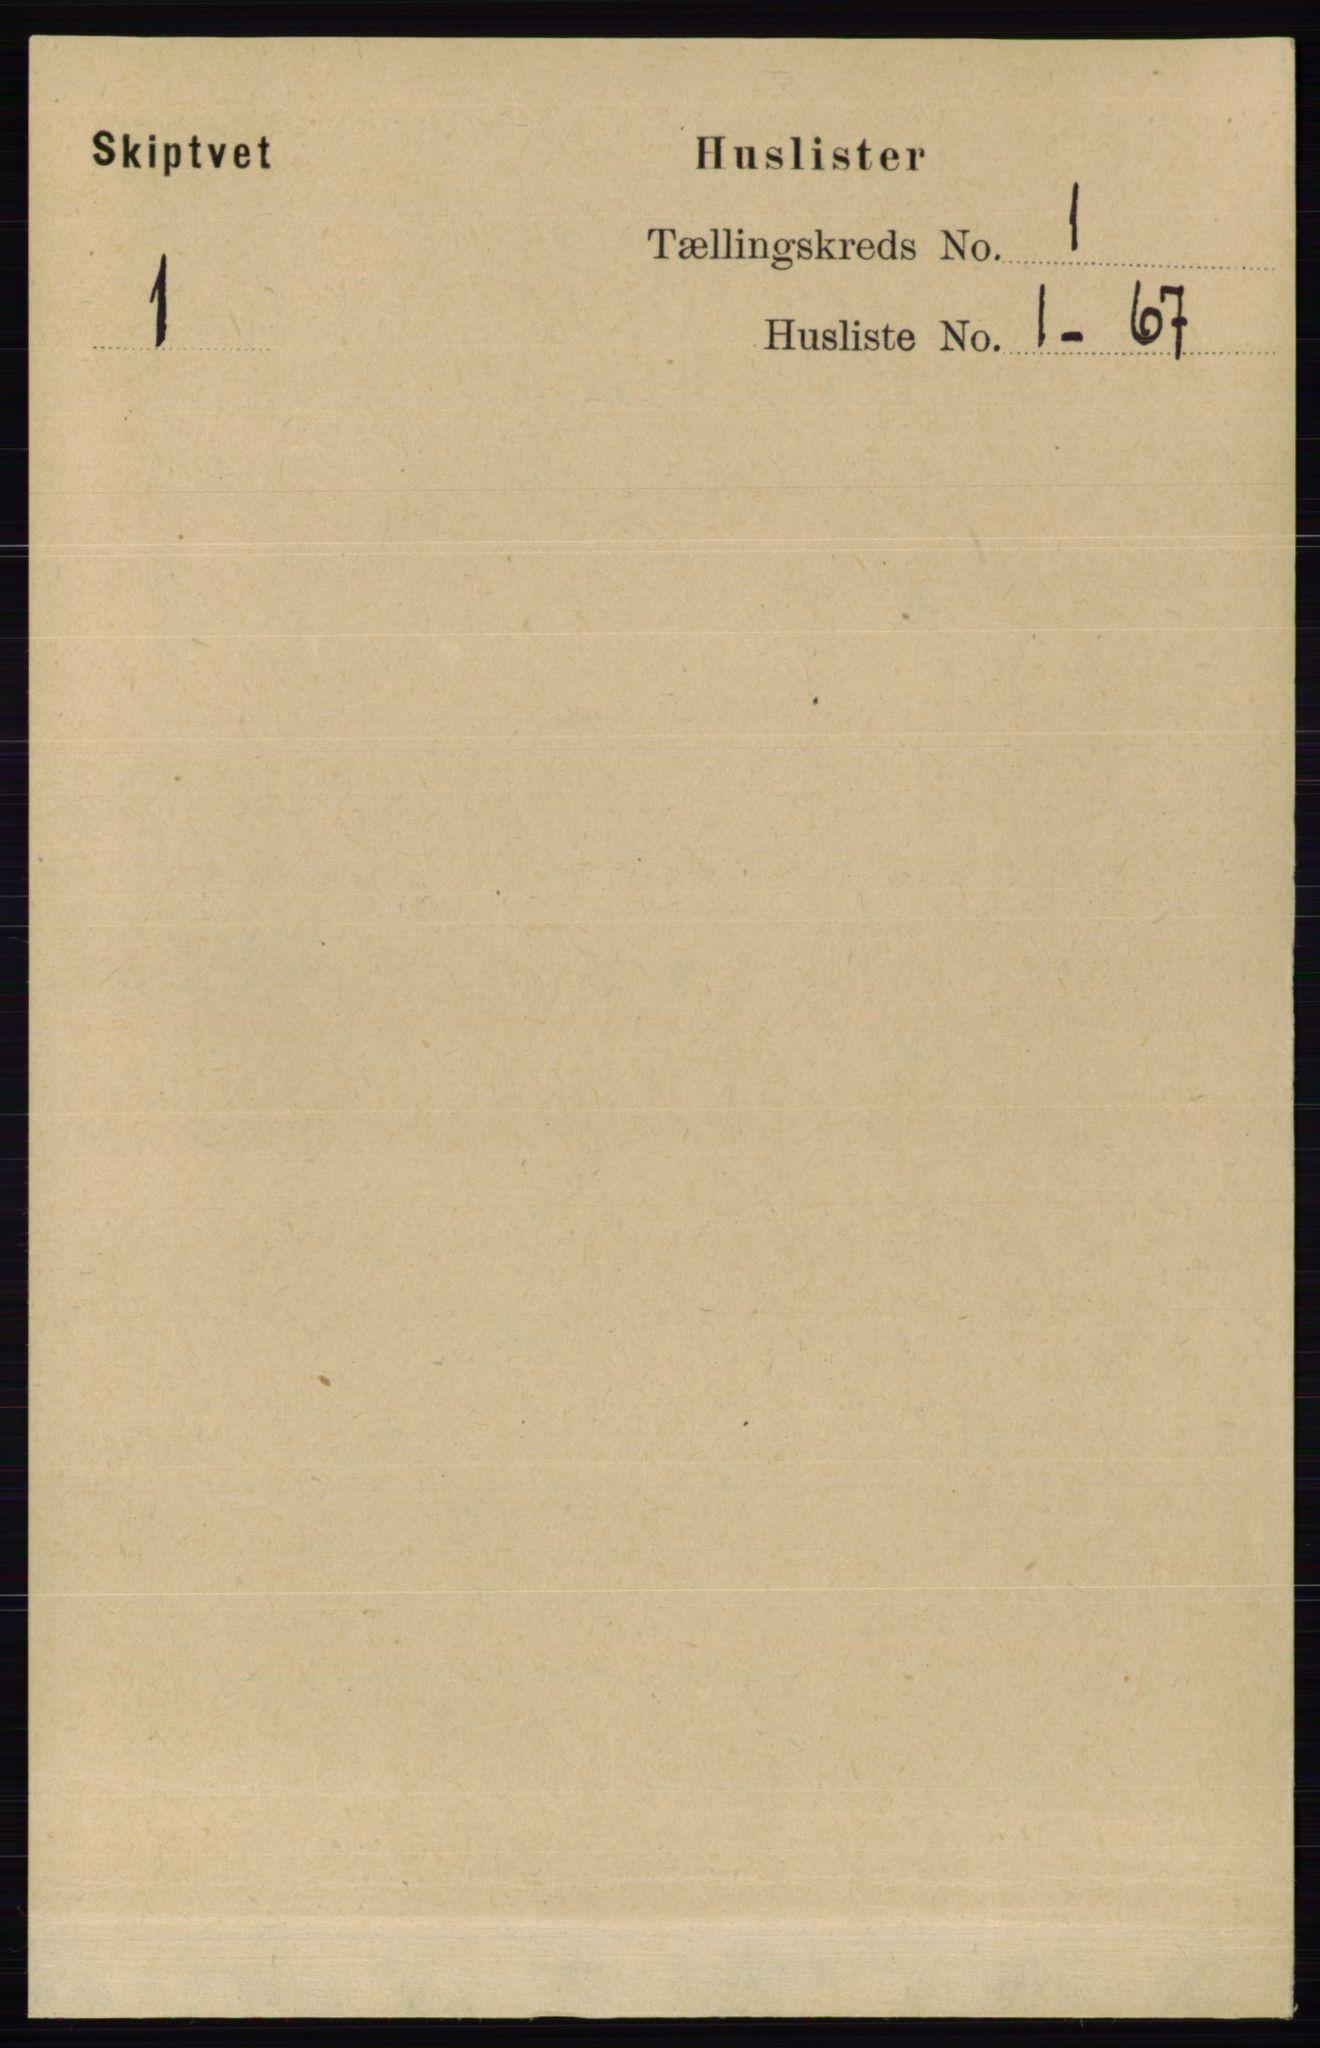 RA, Folketelling 1891 for 0127 Skiptvet herred, 1891, s. 19